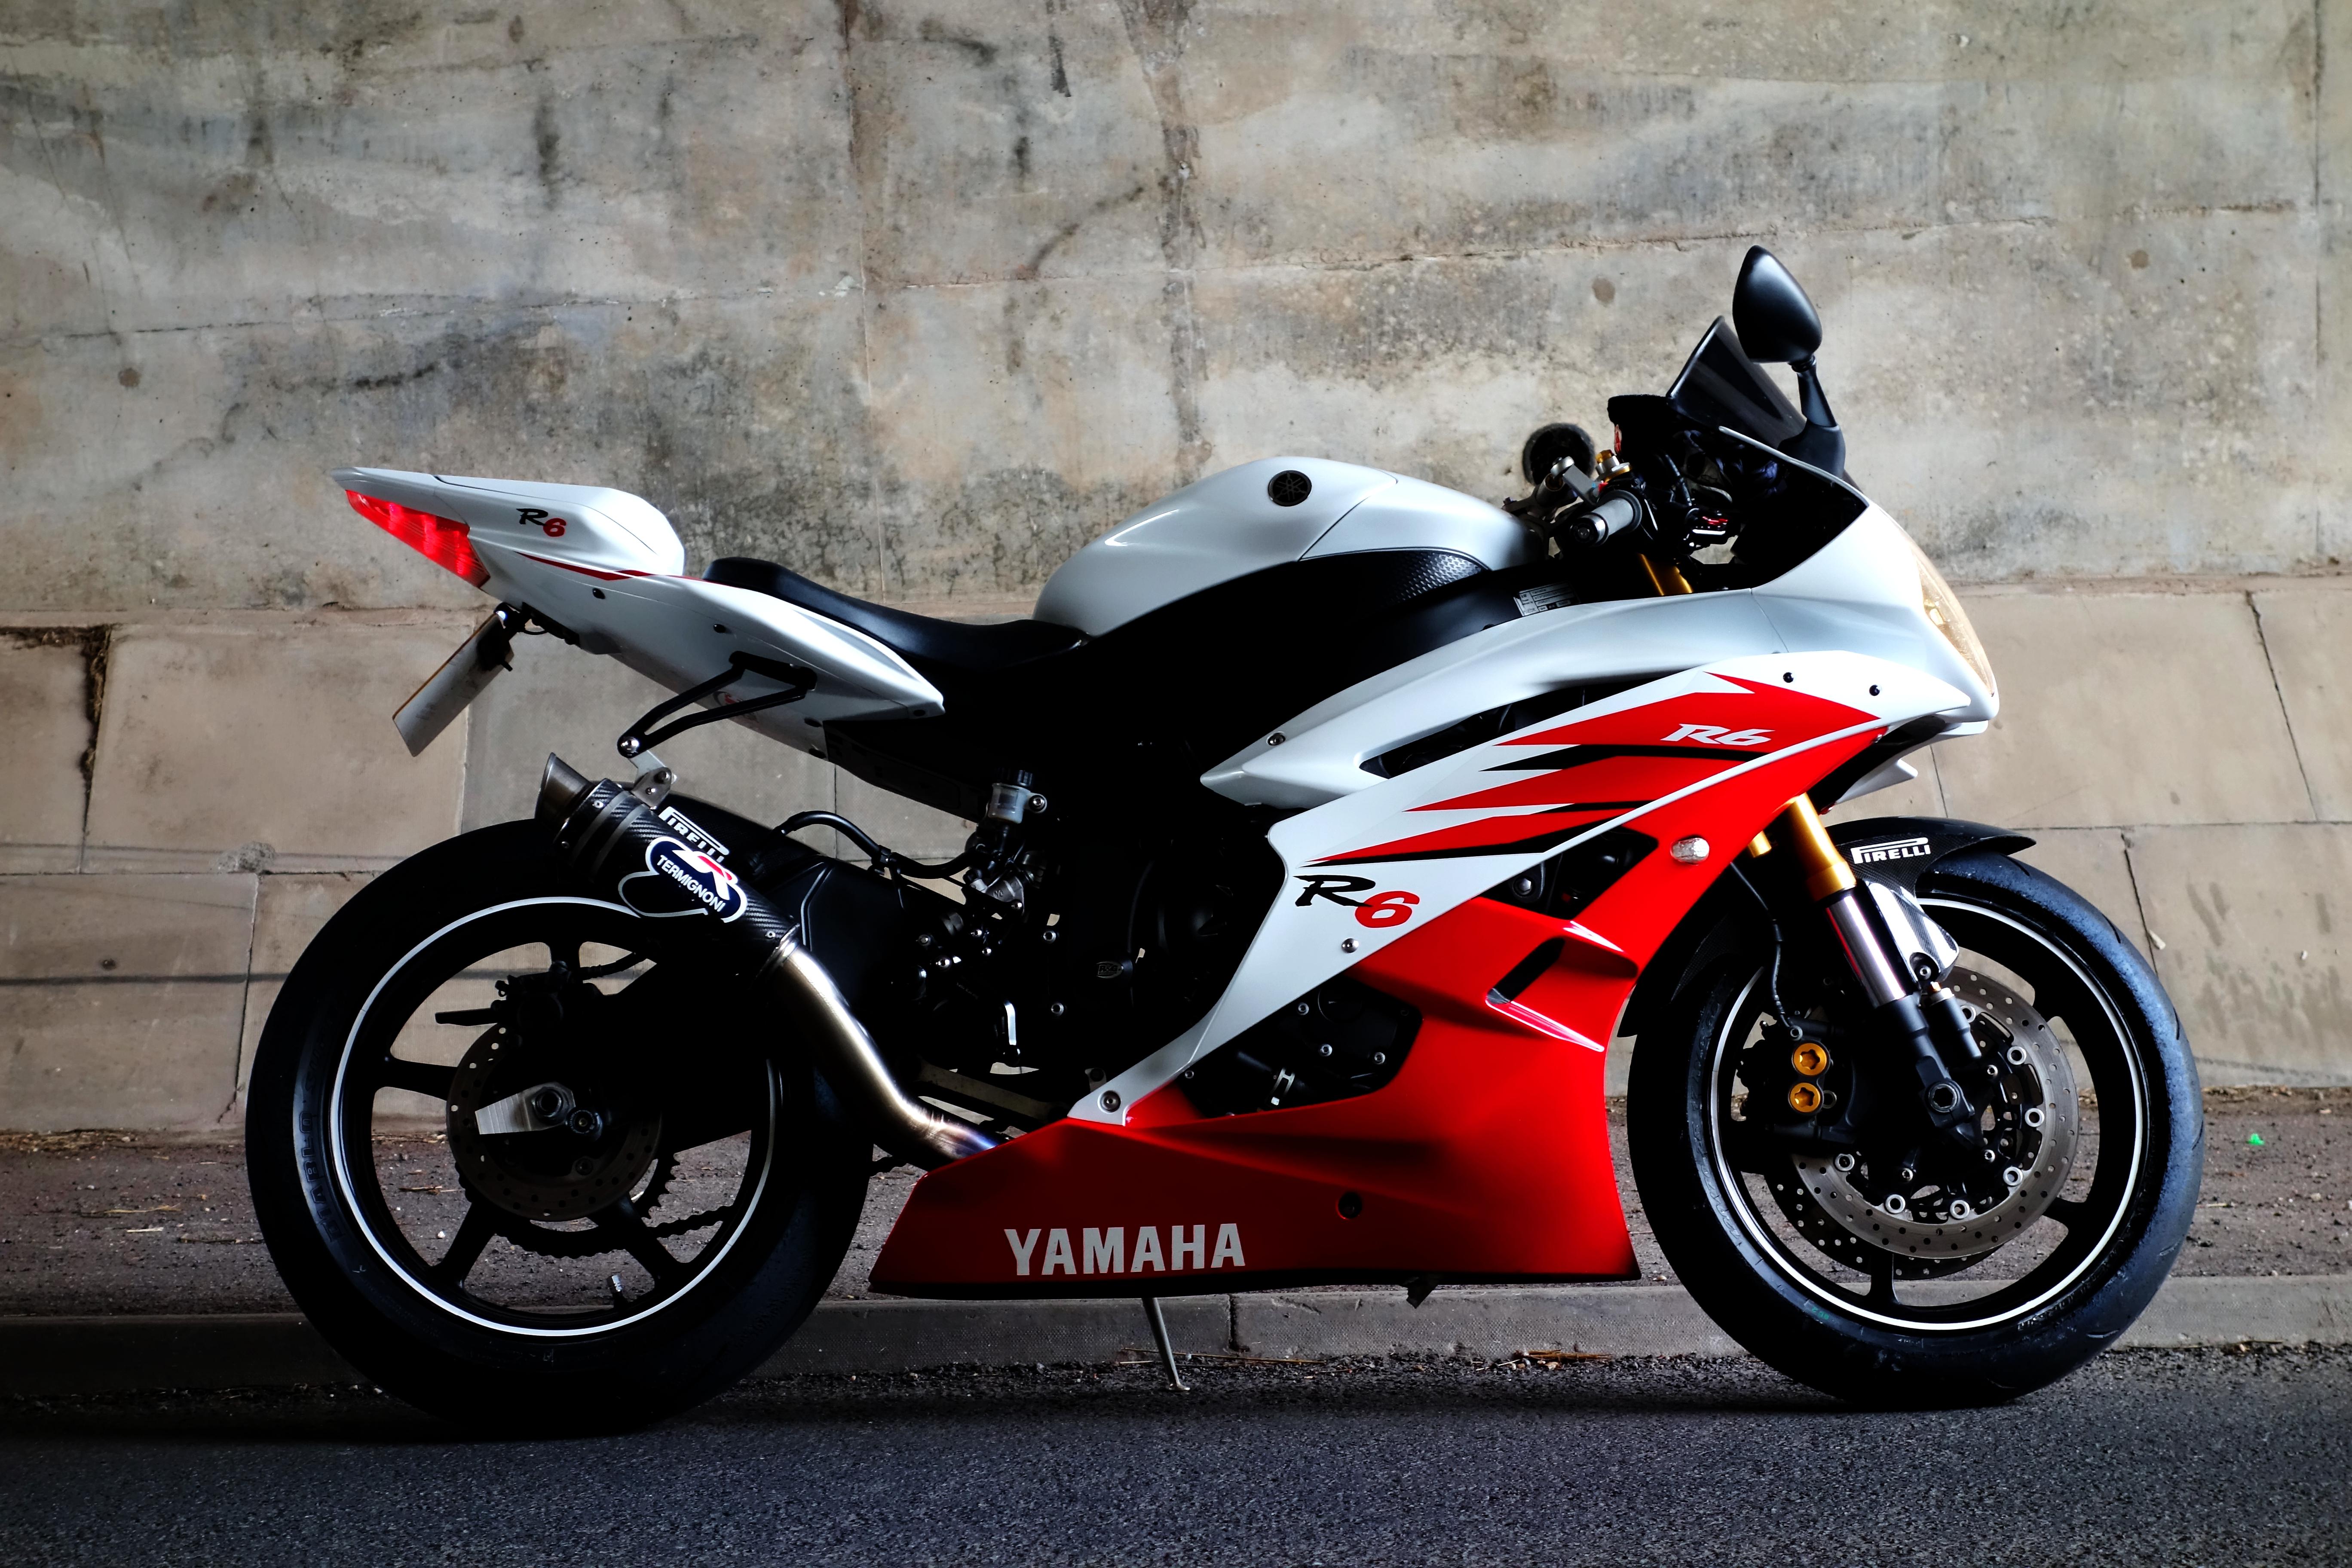 YAMAHA R6 by andyedw 5472x3648